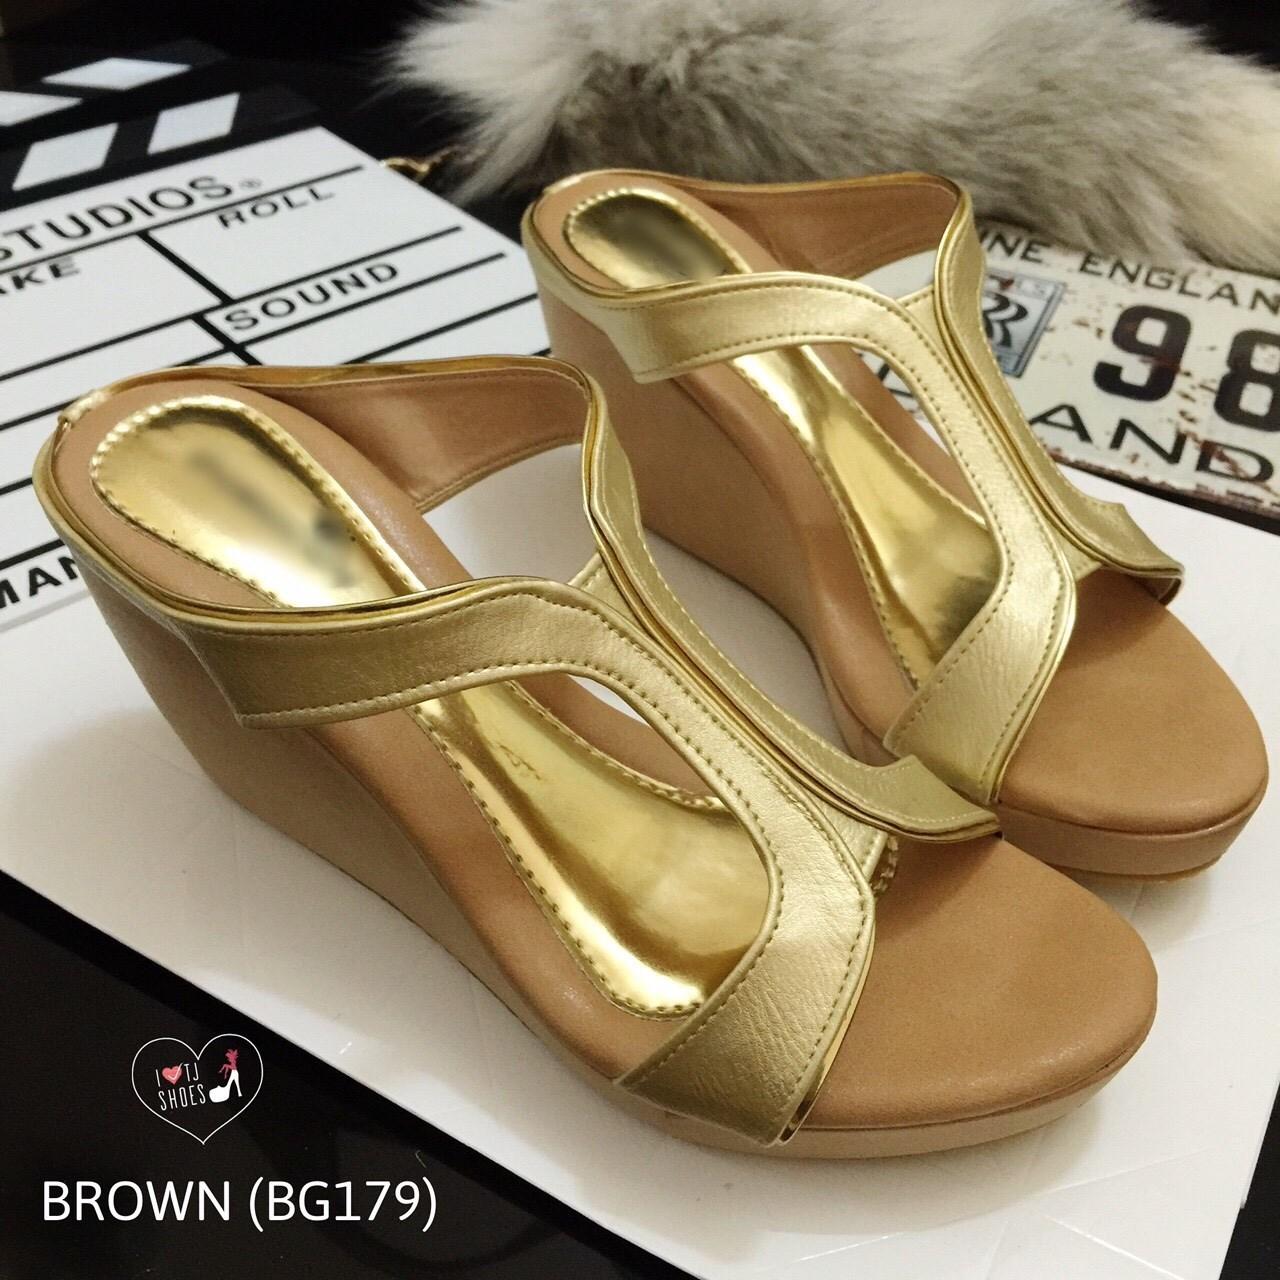 พร้อมส่ง : รองเท้าส้นเตารีด Golden Metalic Platform (สีน้ำตาล)